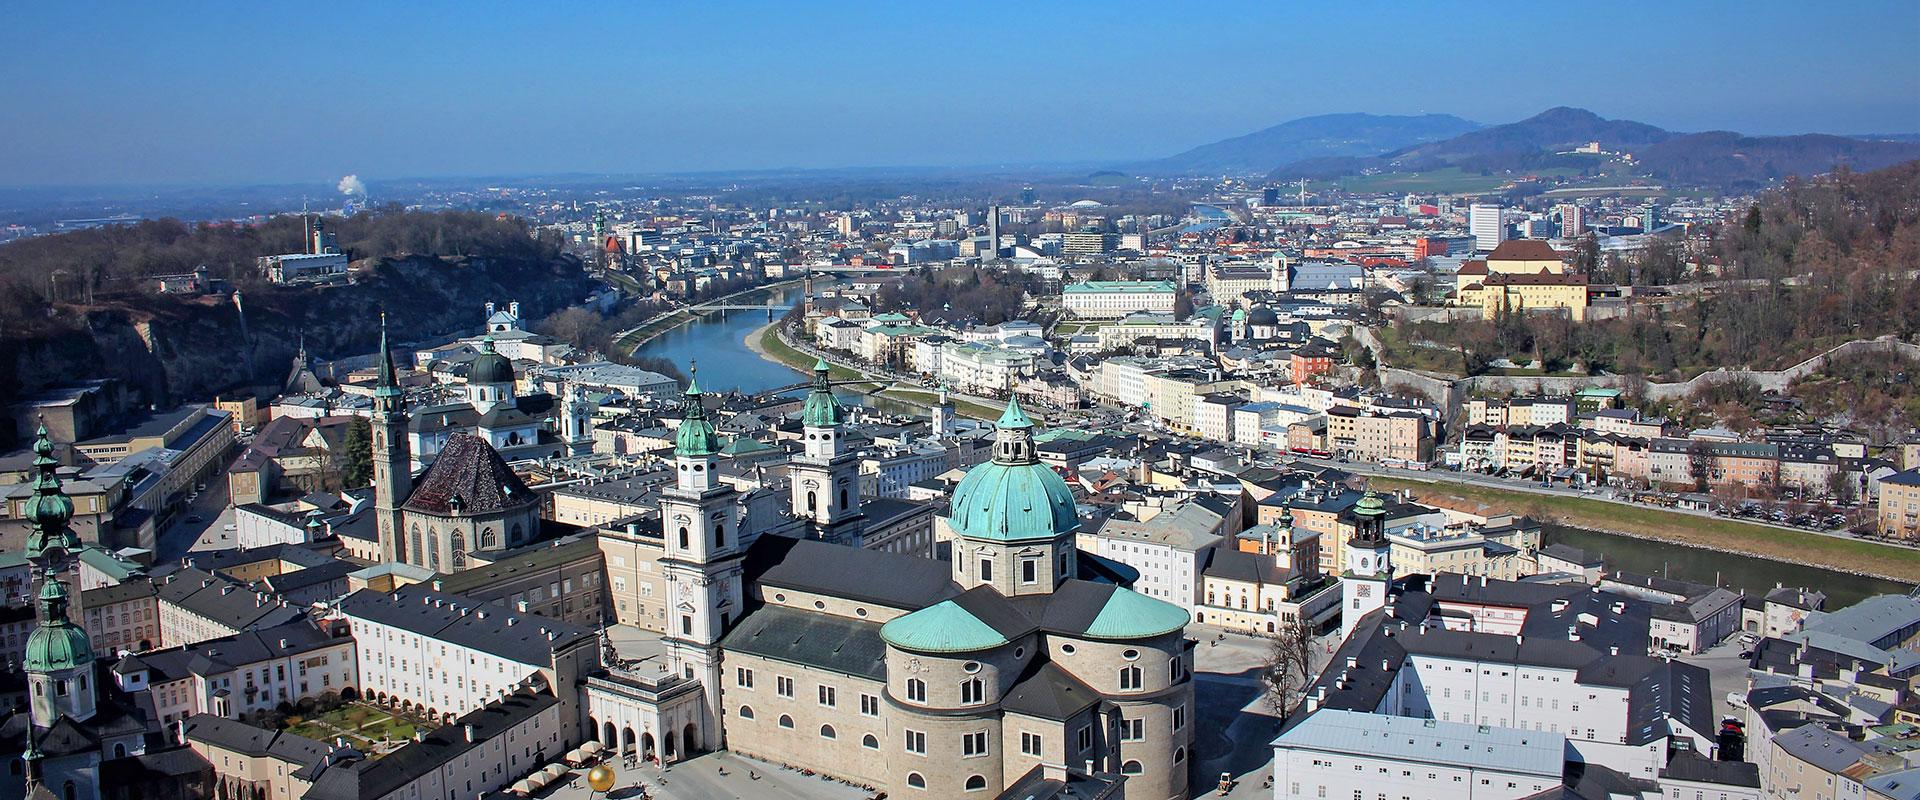 Salzburg and Salt Mines